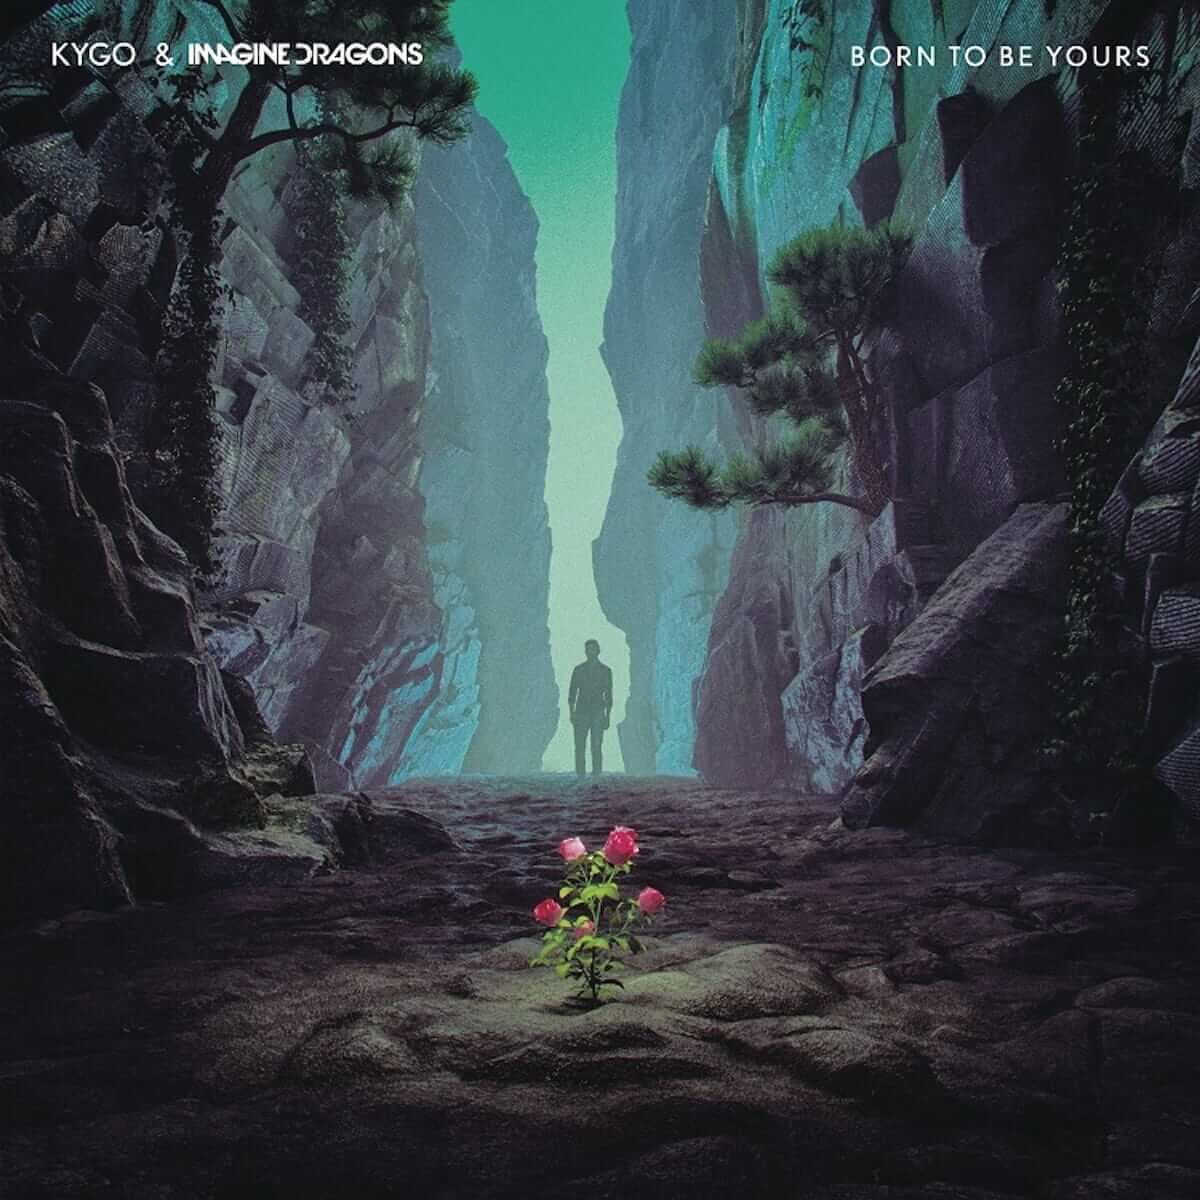 """カイゴ&イマジン・ドラゴンズ、フレッシュなコラボが実現。新曲""""ボーン・トゥ・ビー・ユアーズ""""リリース! music180615_kygo_kawasaki02-1200x1200"""